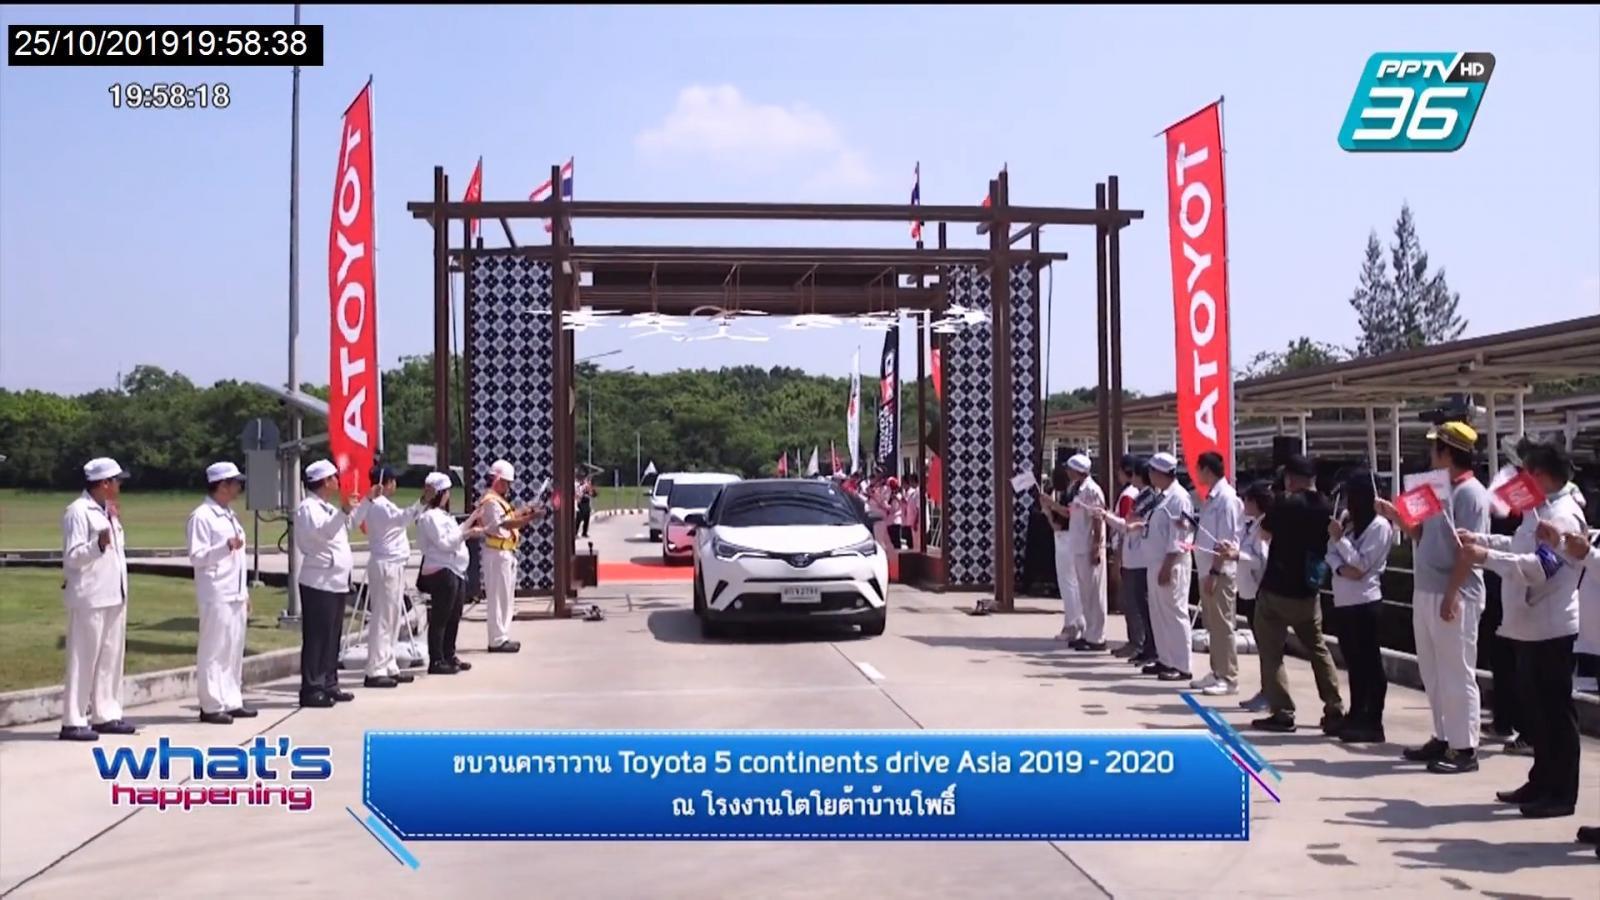 """ขบวนคาราวาน พิธิปิด """"Toyota 5 continents drive Asia 2019-2020"""" โรงงานโตโยต้าบ้านโพธิ์"""